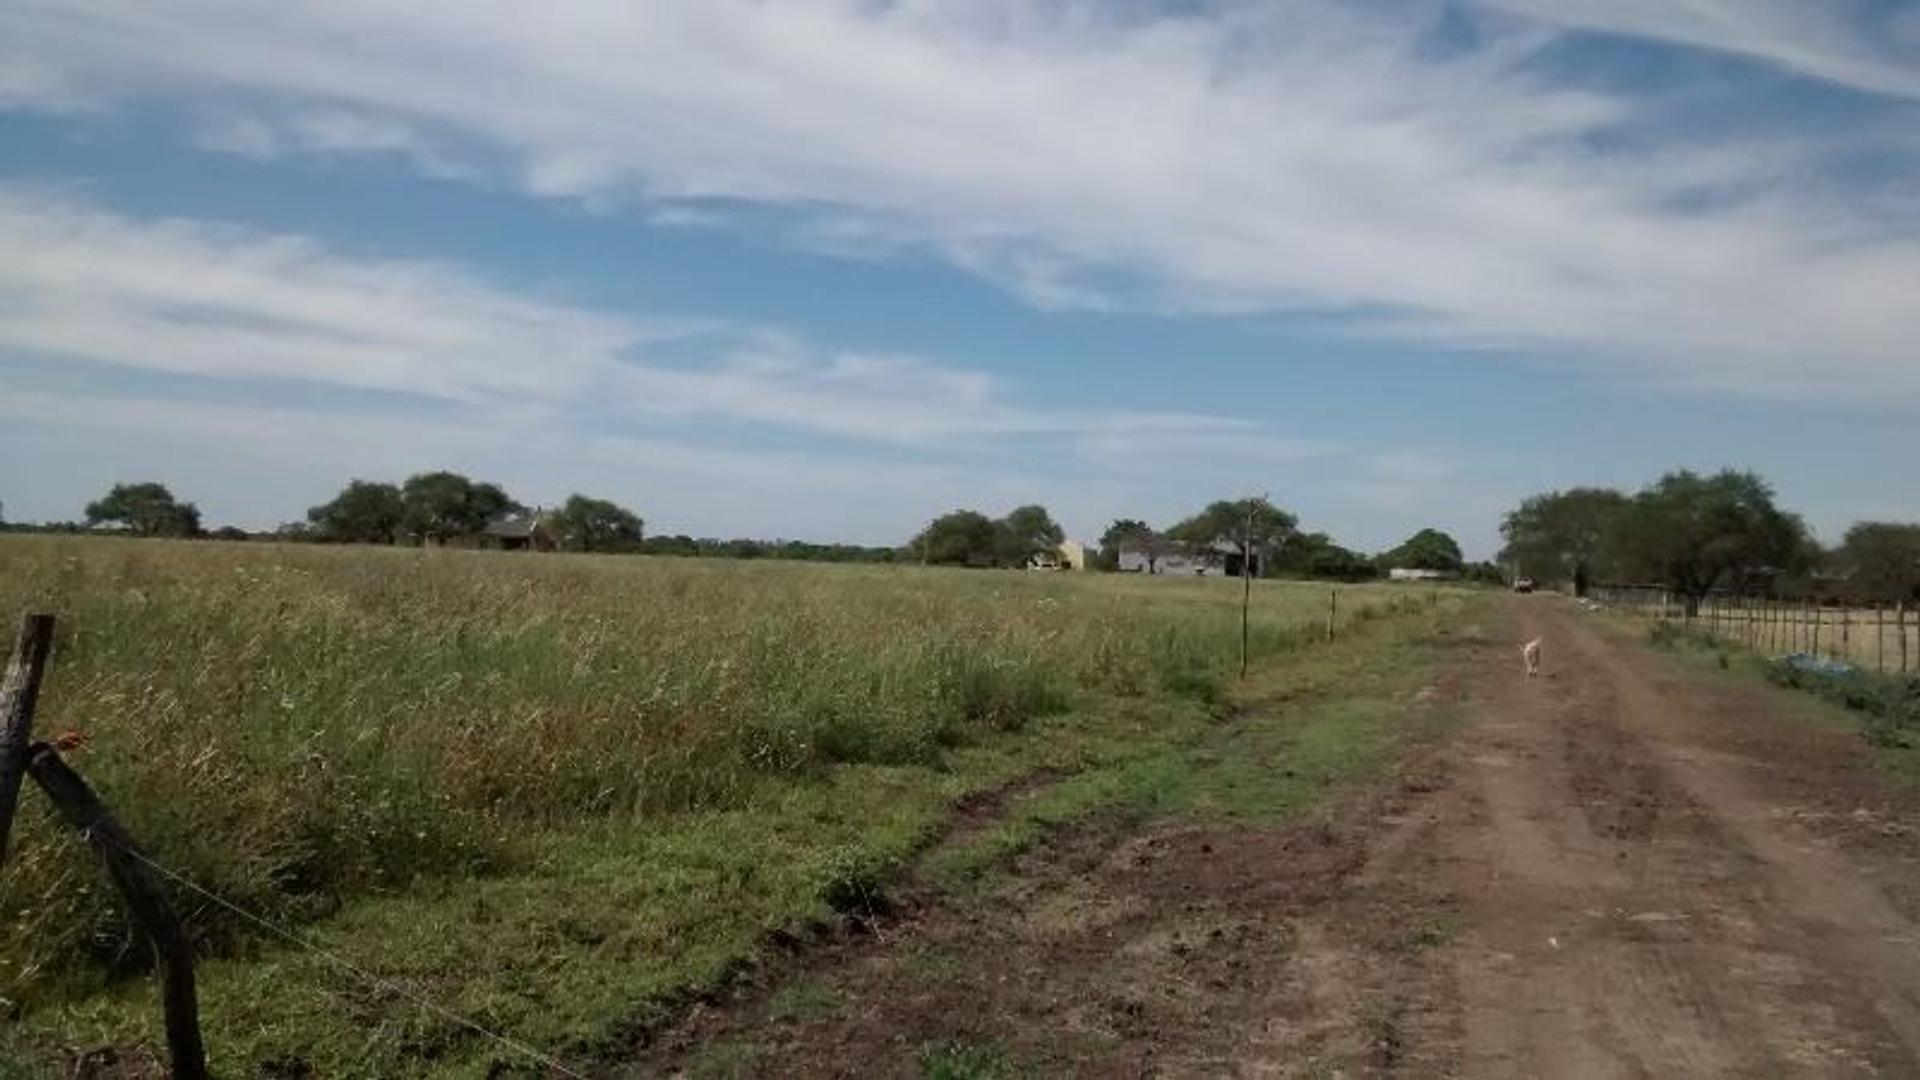 660 has excelente campo agrícola ganadero, estancia armada